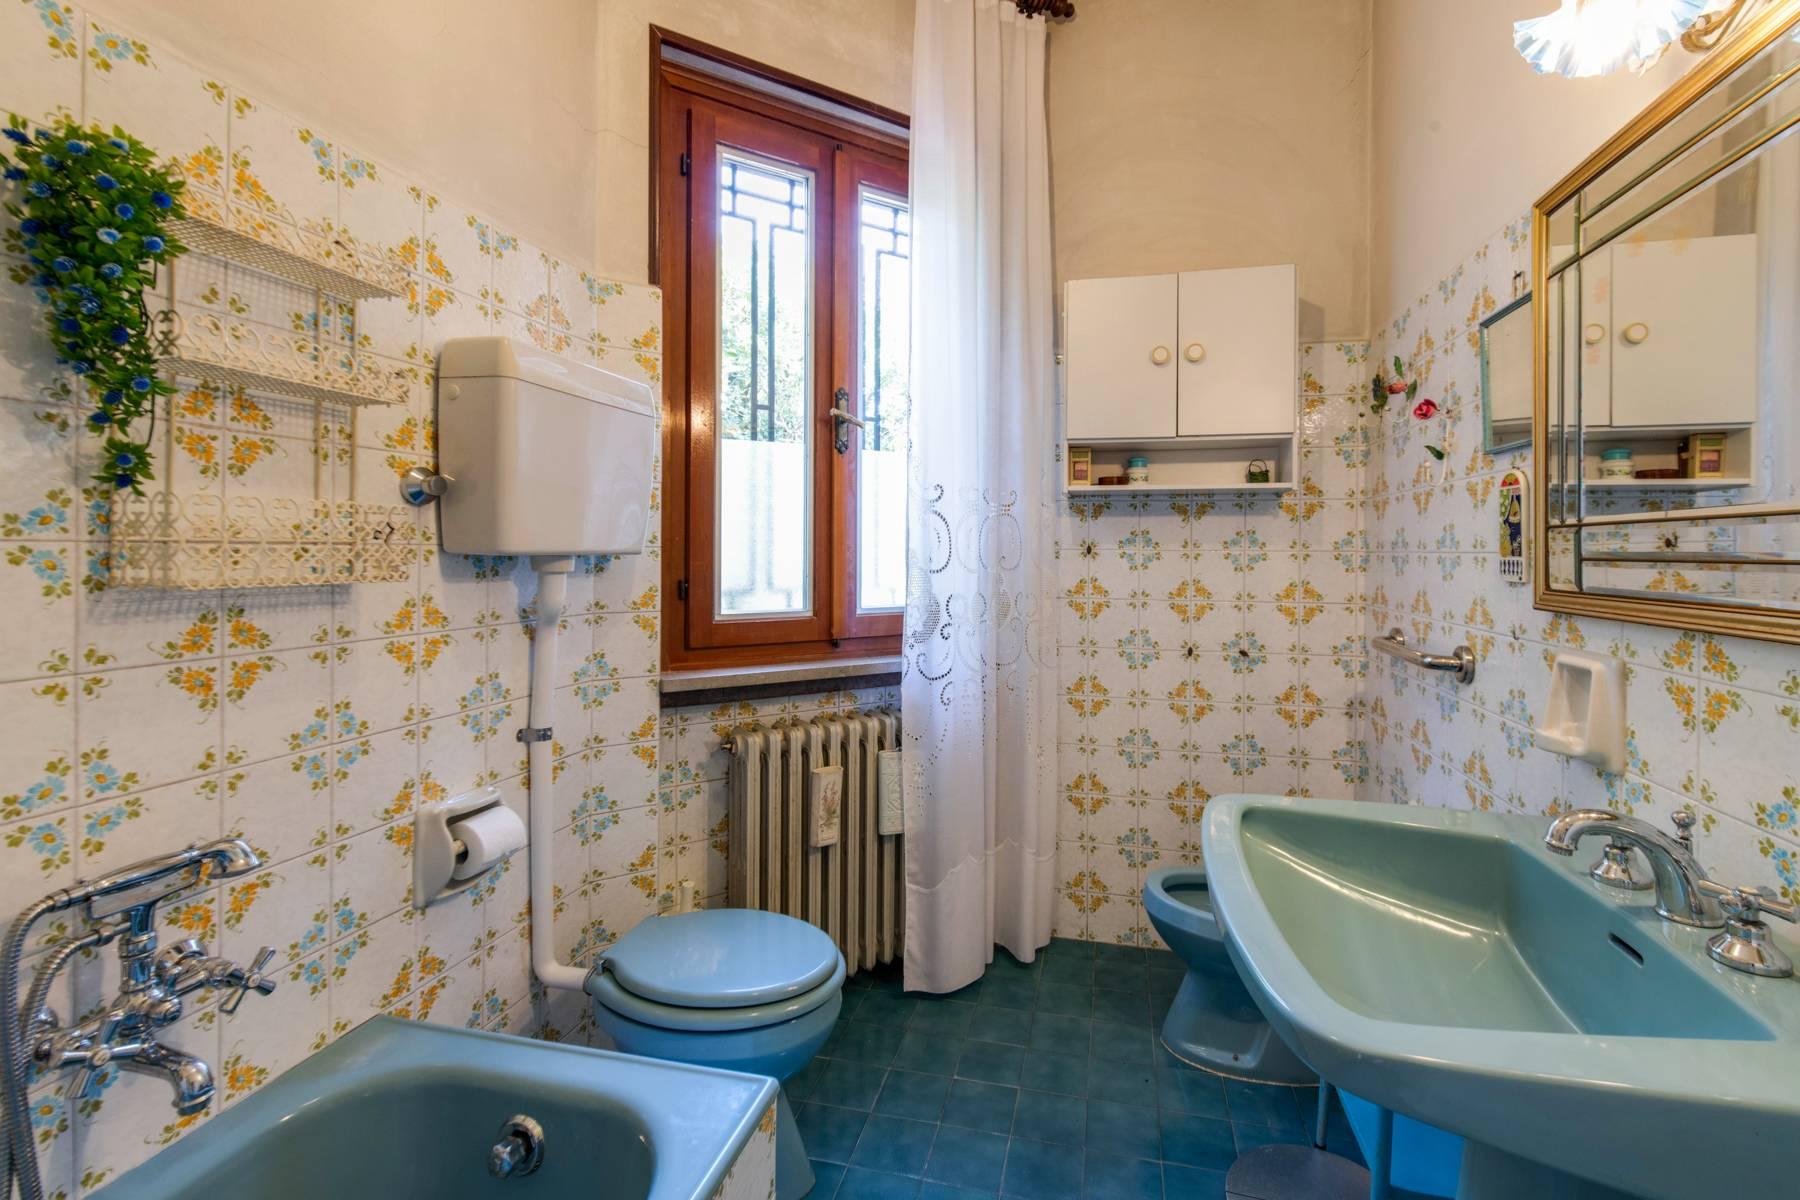 Villa in Vendita a Gargnano: 5 locali, 330 mq - Foto 19